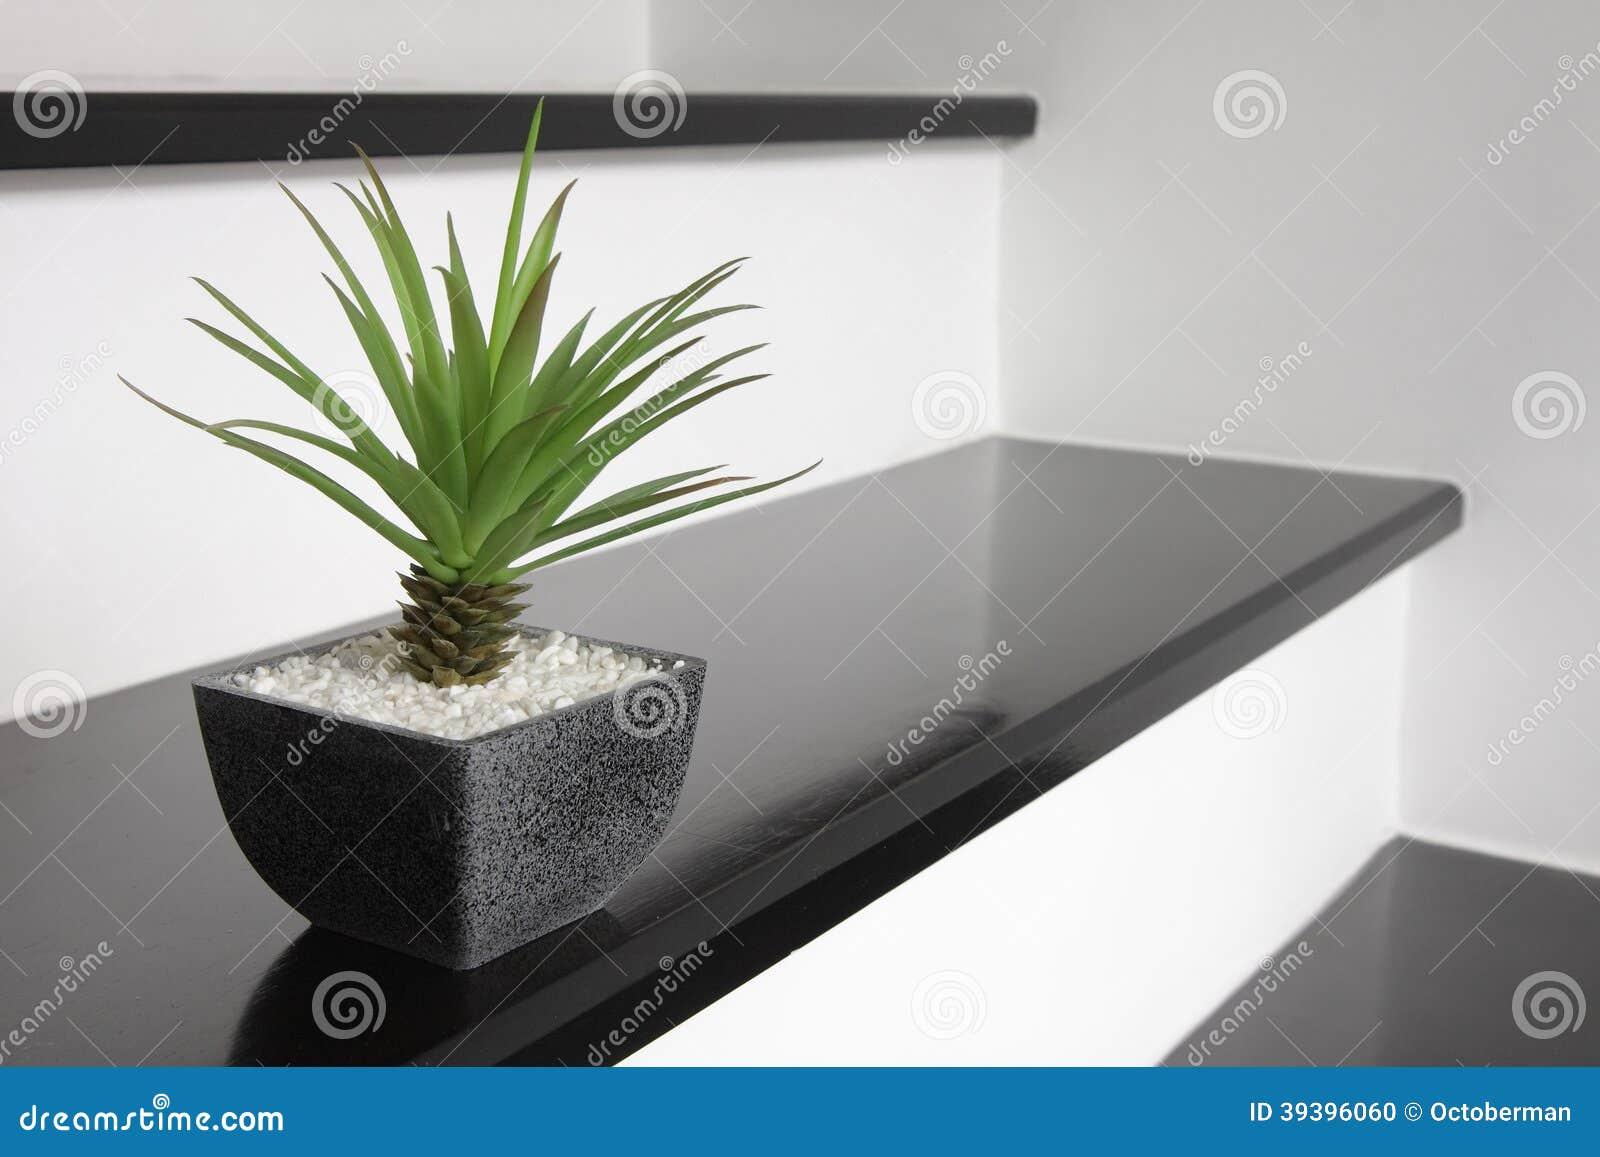 une petite plante verte pour la d coration la maison photo stock image 39396060. Black Bedroom Furniture Sets. Home Design Ideas